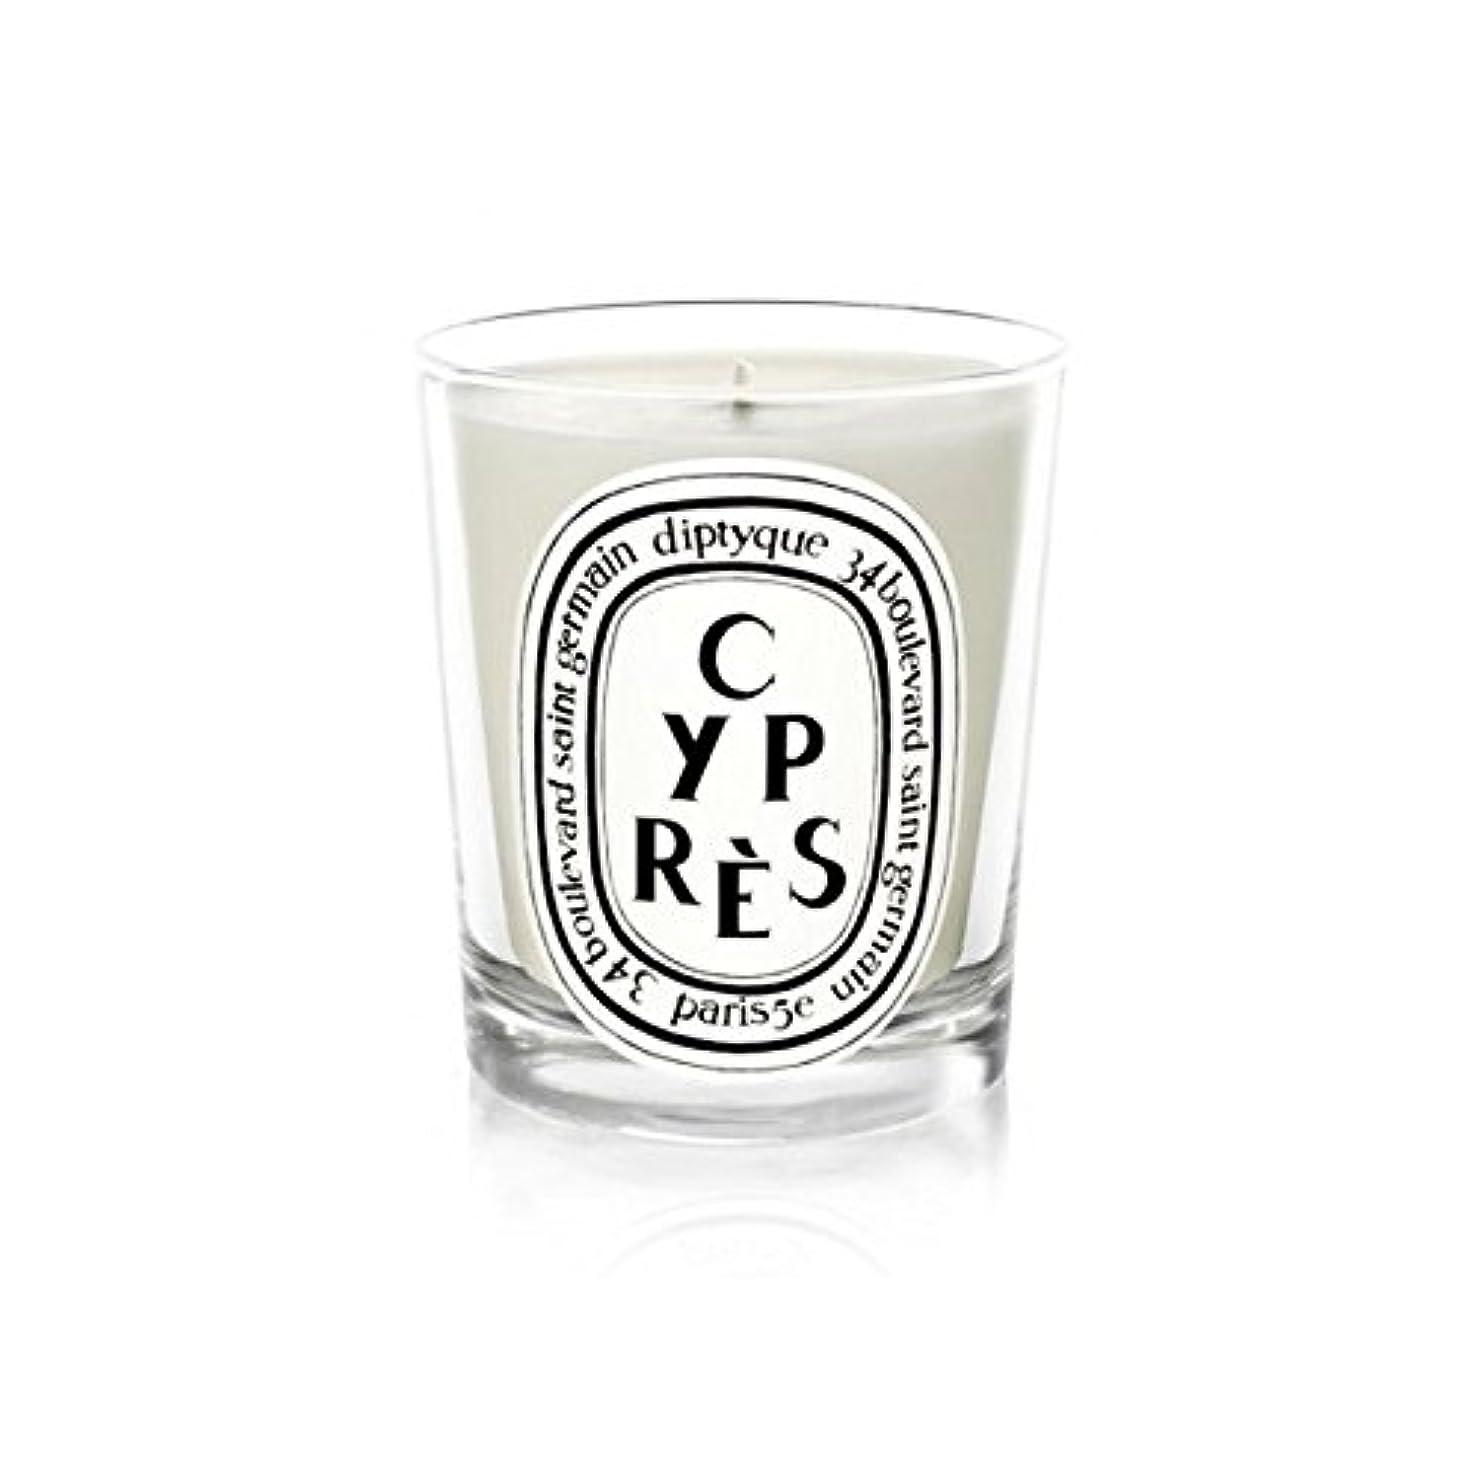 散髪クルーズ原子DiptyqueキャンドルCypr?s/ヒノキ190グラム - Diptyque Candle Cypr?s / Cypress 190g (Diptyque) [並行輸入品]